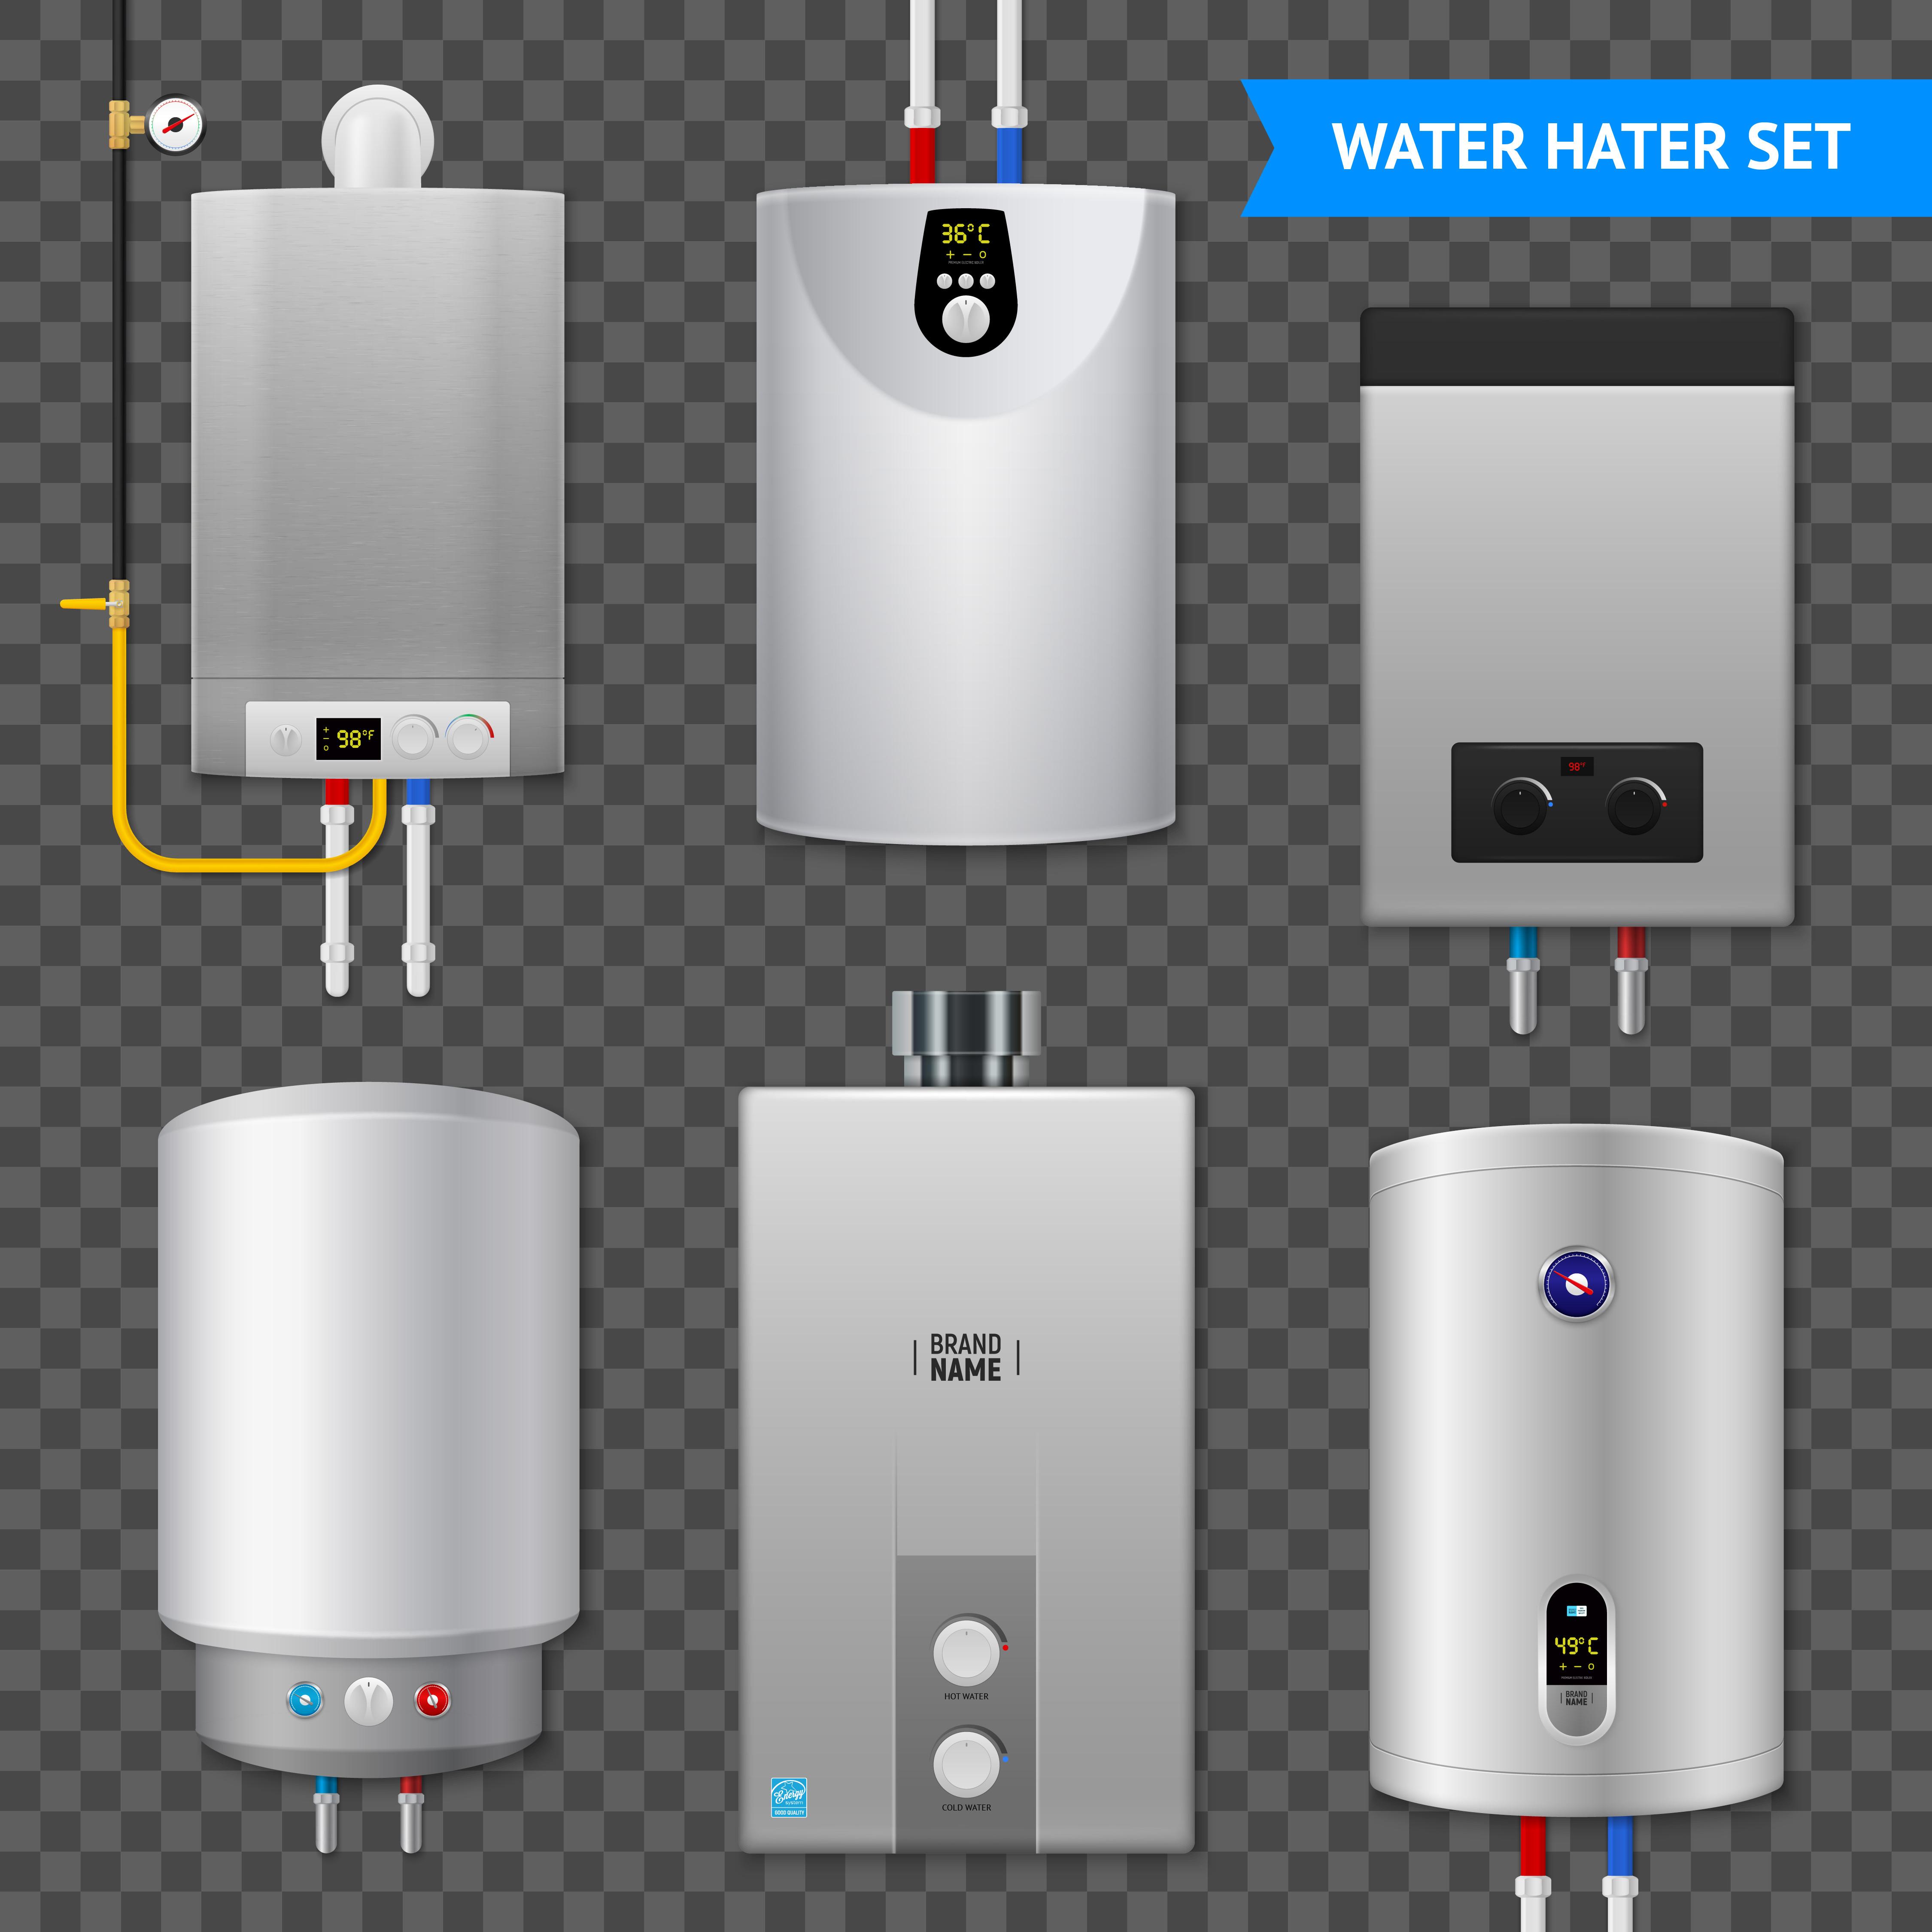 Geyser/ Water heater installation